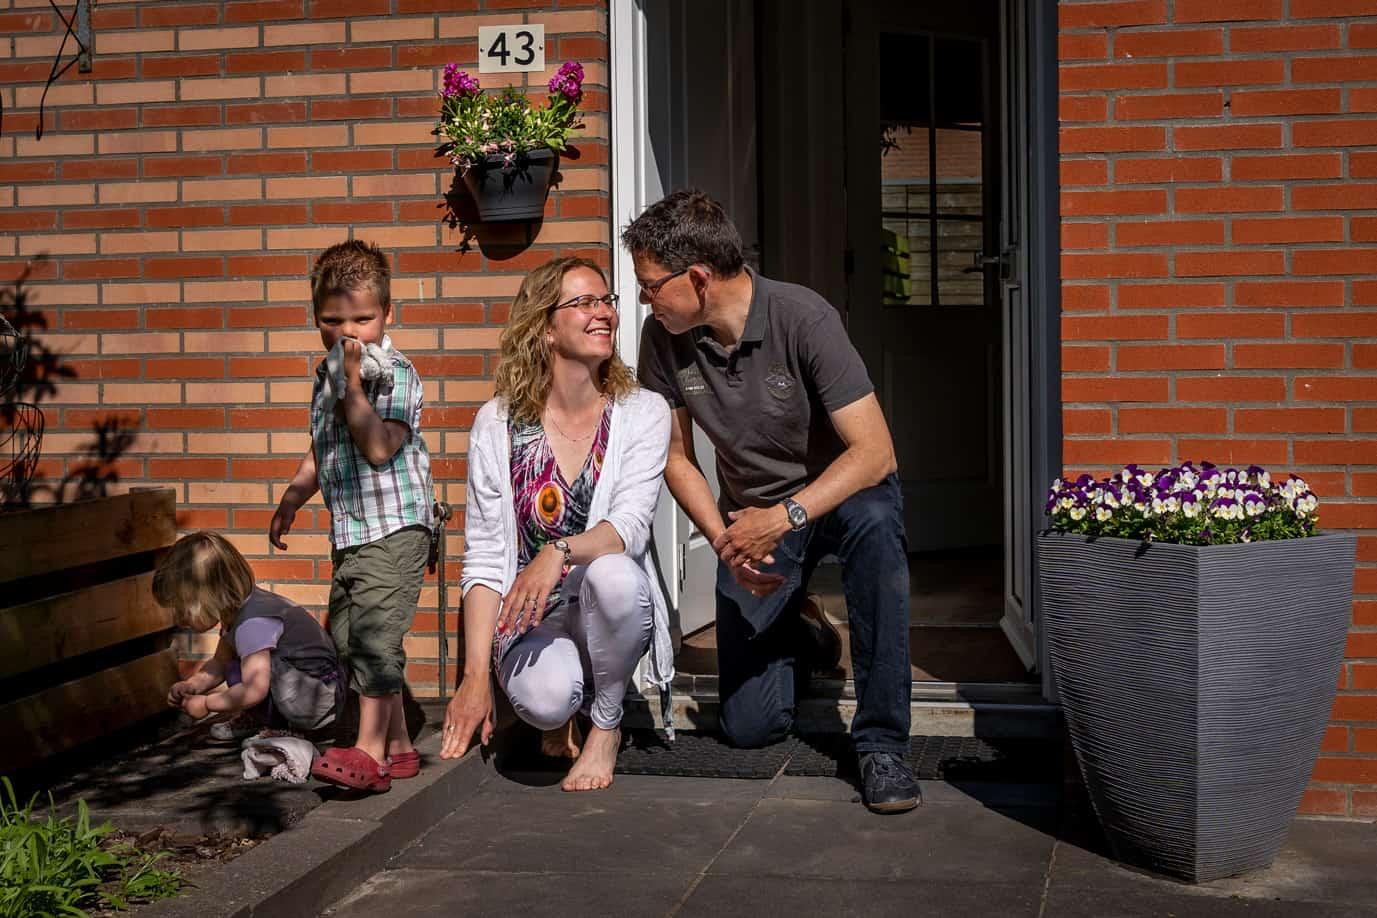 kinderportret aan de deur